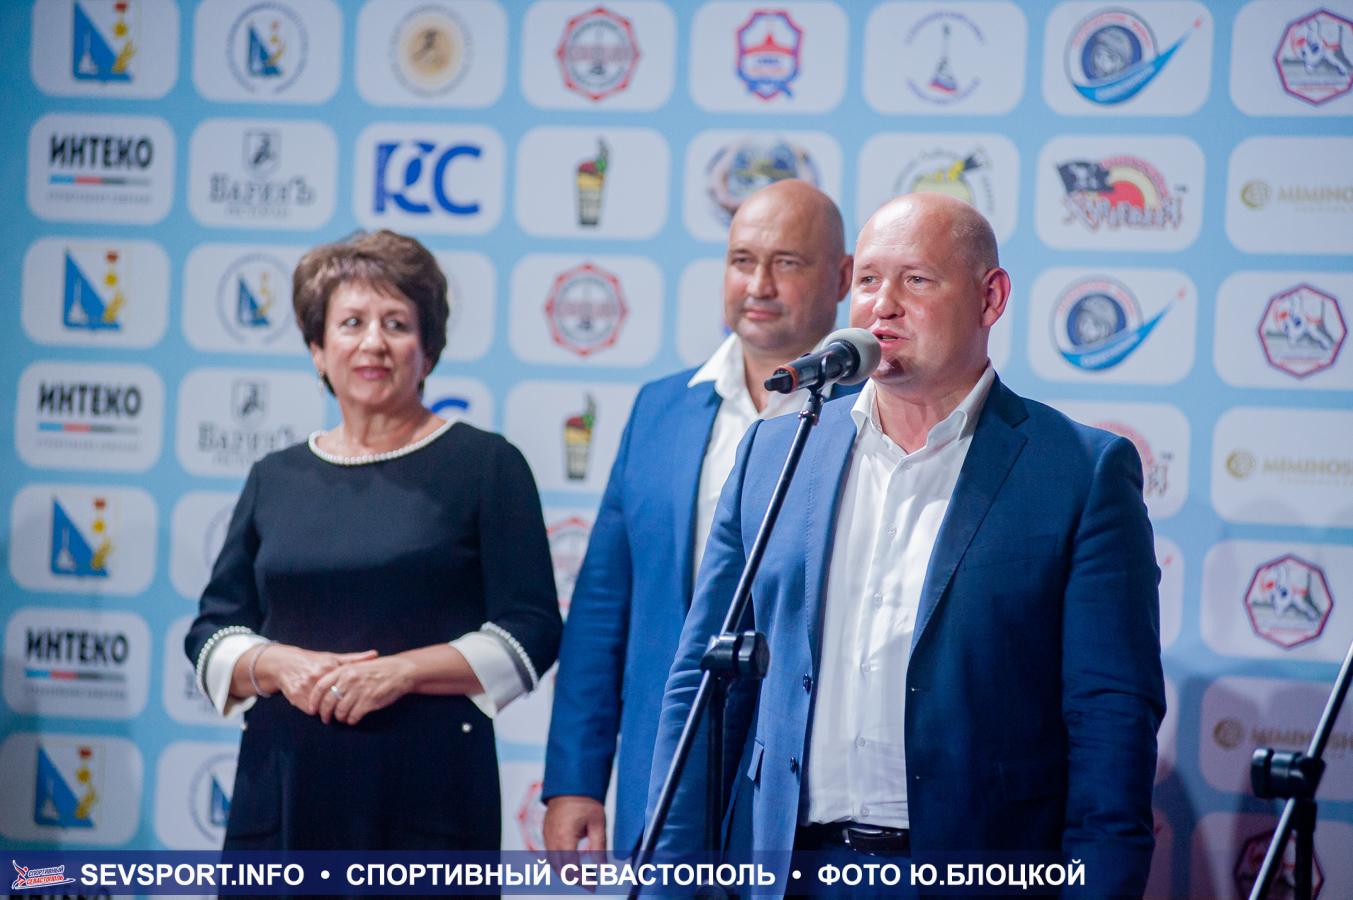 В Севастополе стартовал Турнир по дзюдо «Кубок Городов-Героев», посвящённый 75-летию Победы в Великой Отечественной войне